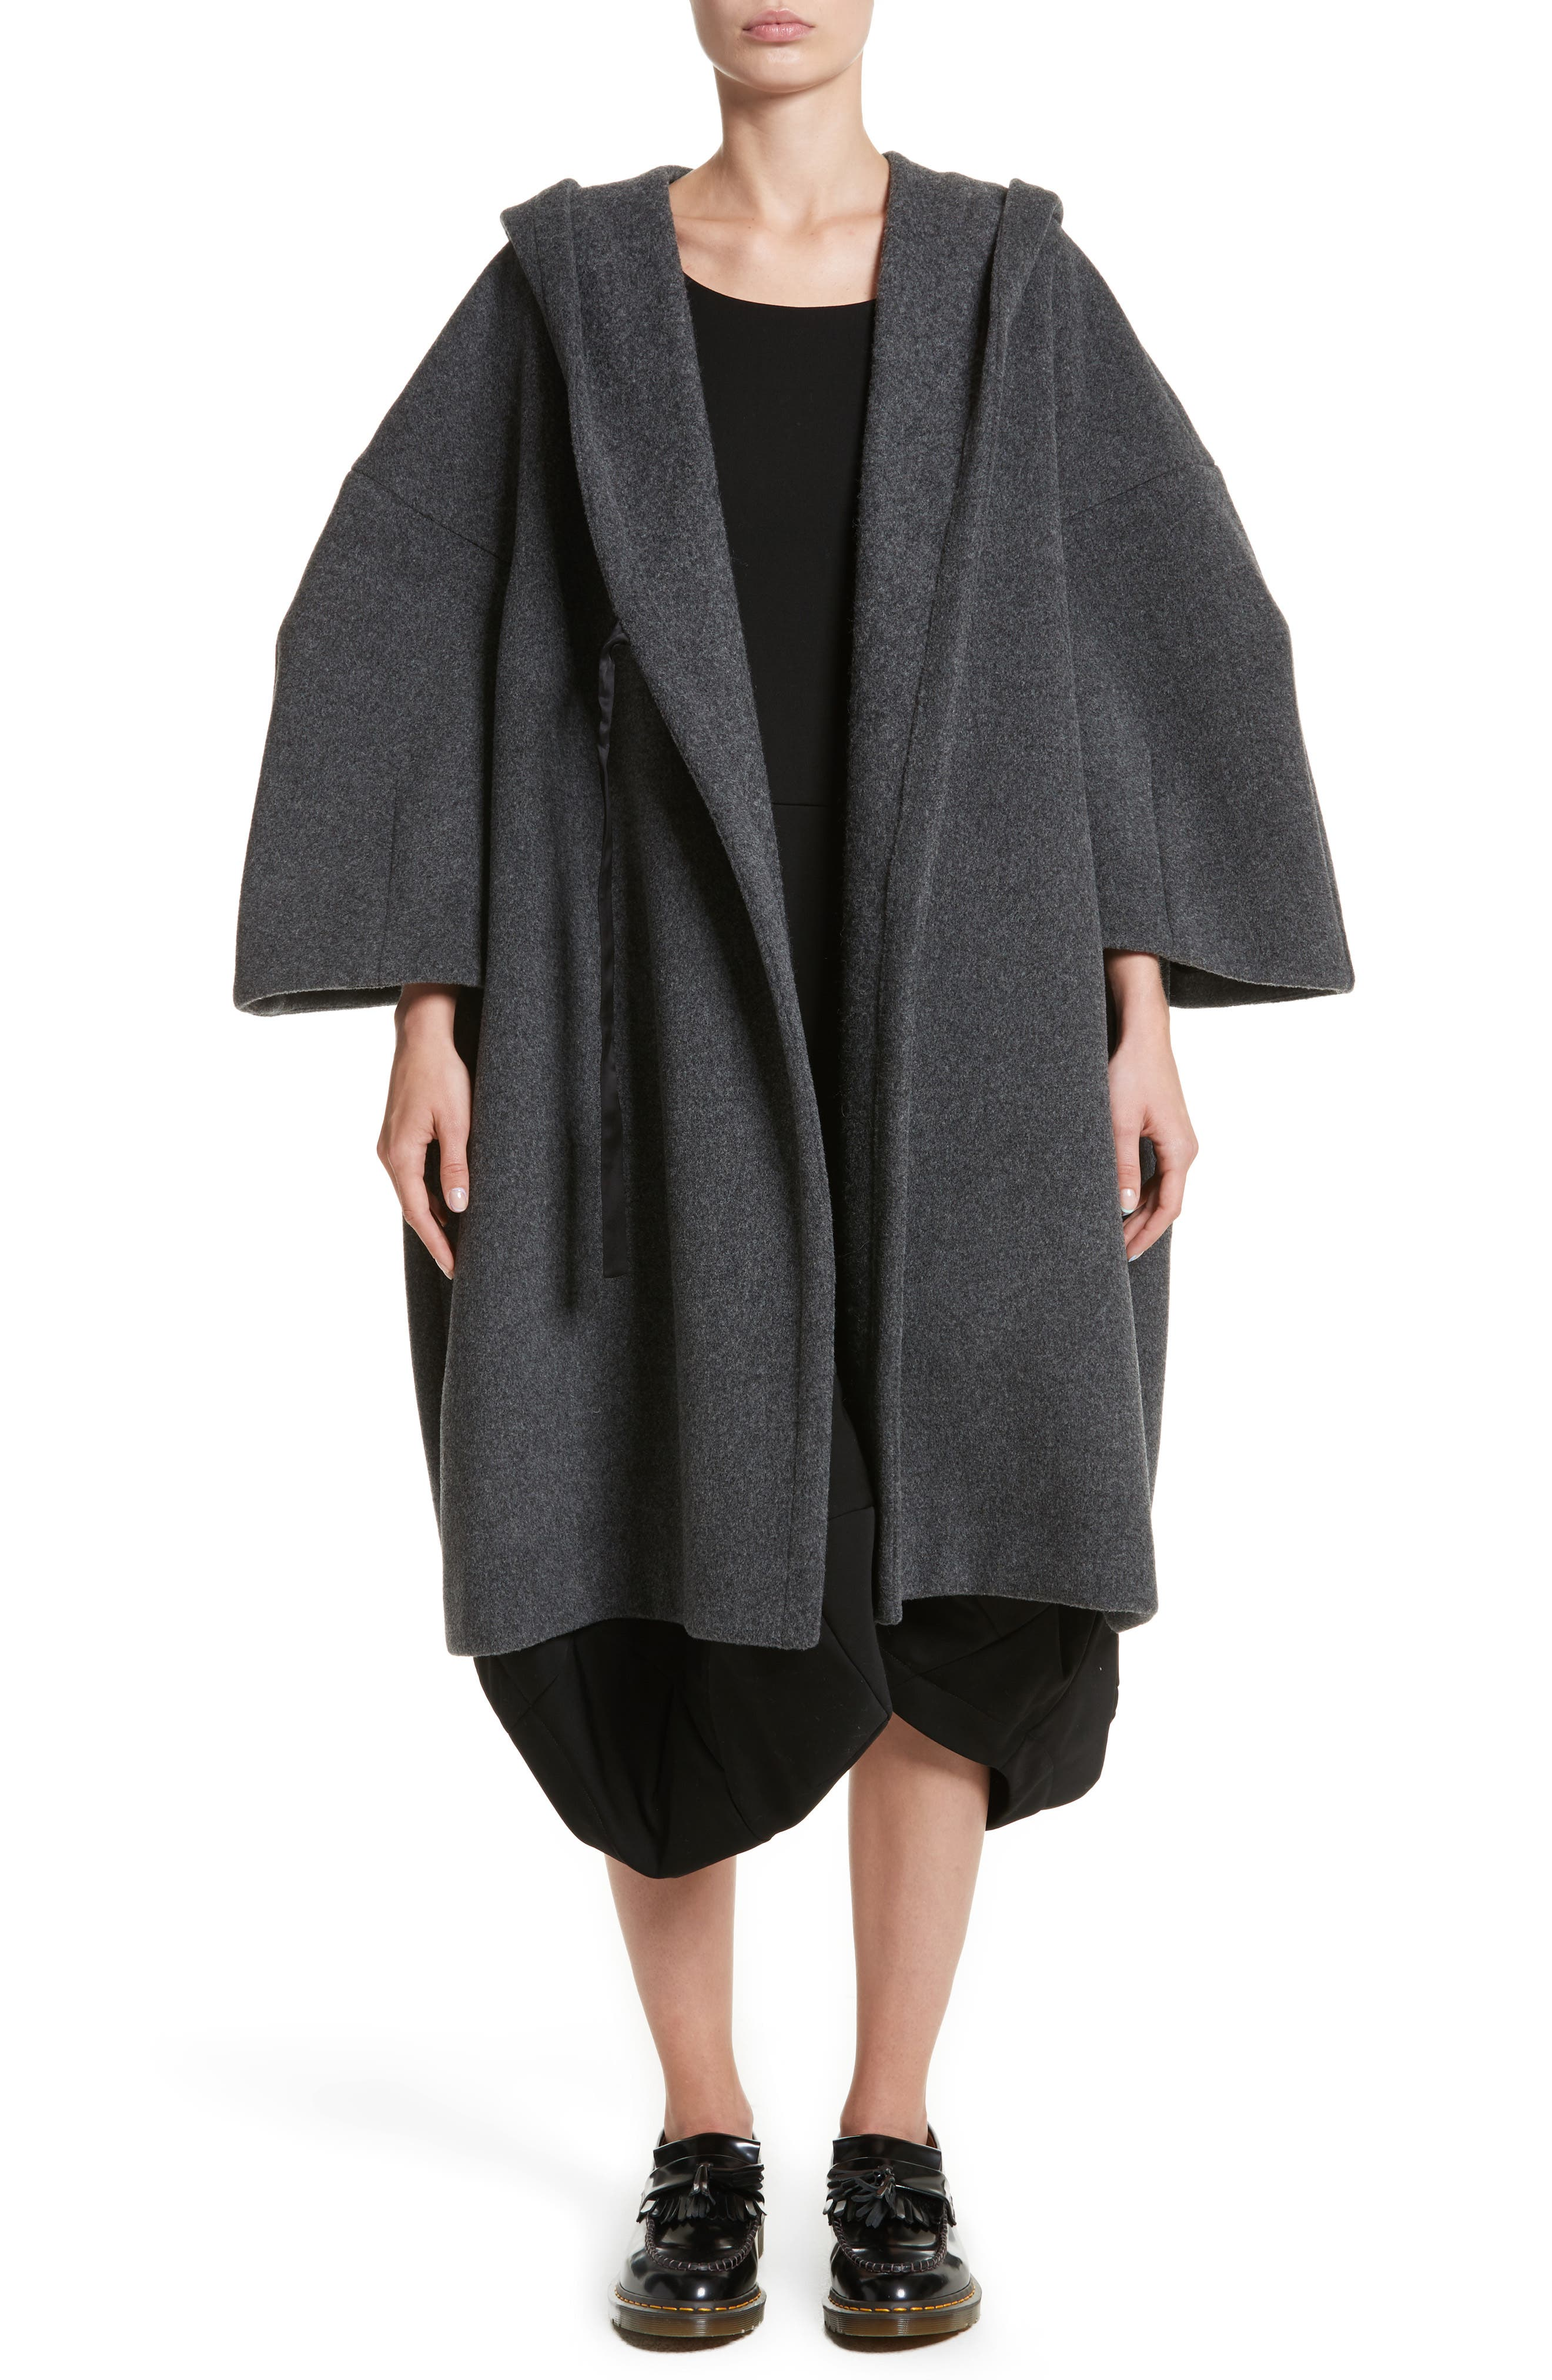 Alternate Image 1 Selected - Comme des Garçons Long Hooded Wool Blend Coat